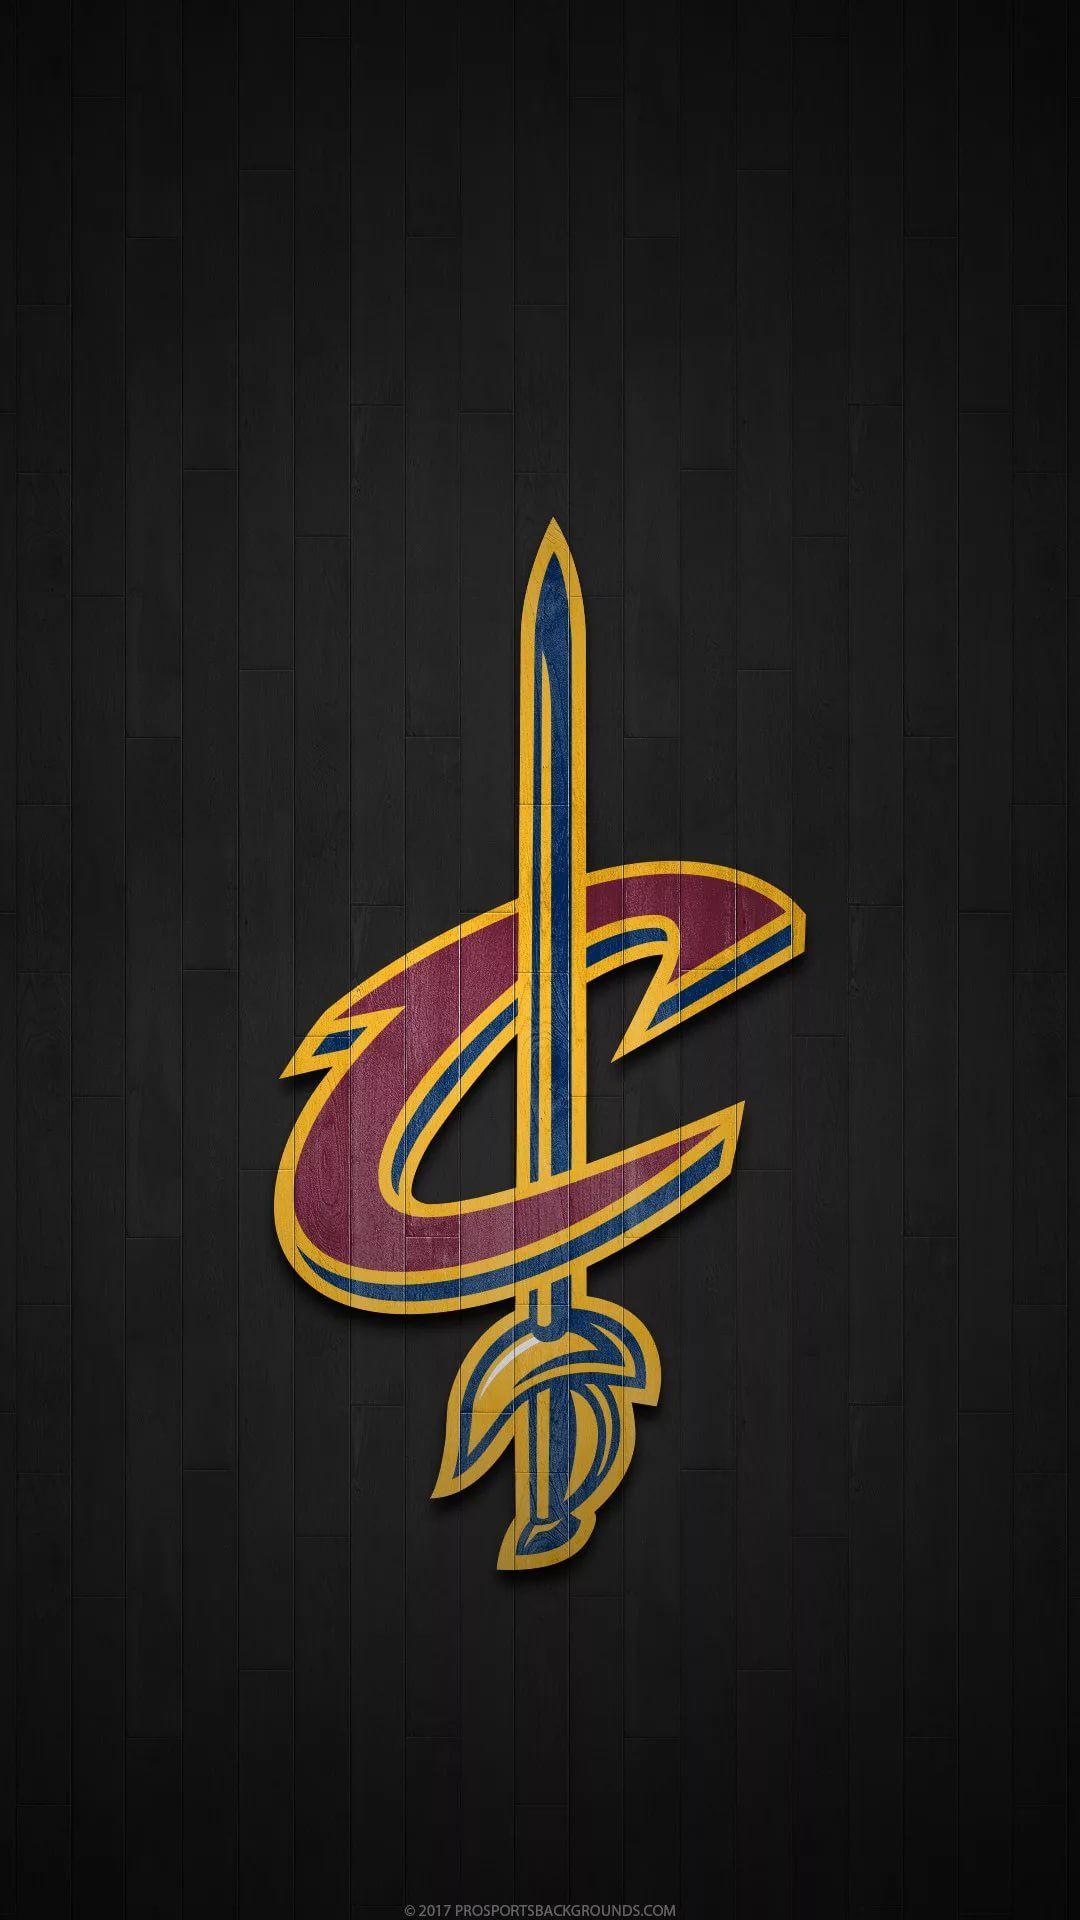 Cleveland hd wallpaper